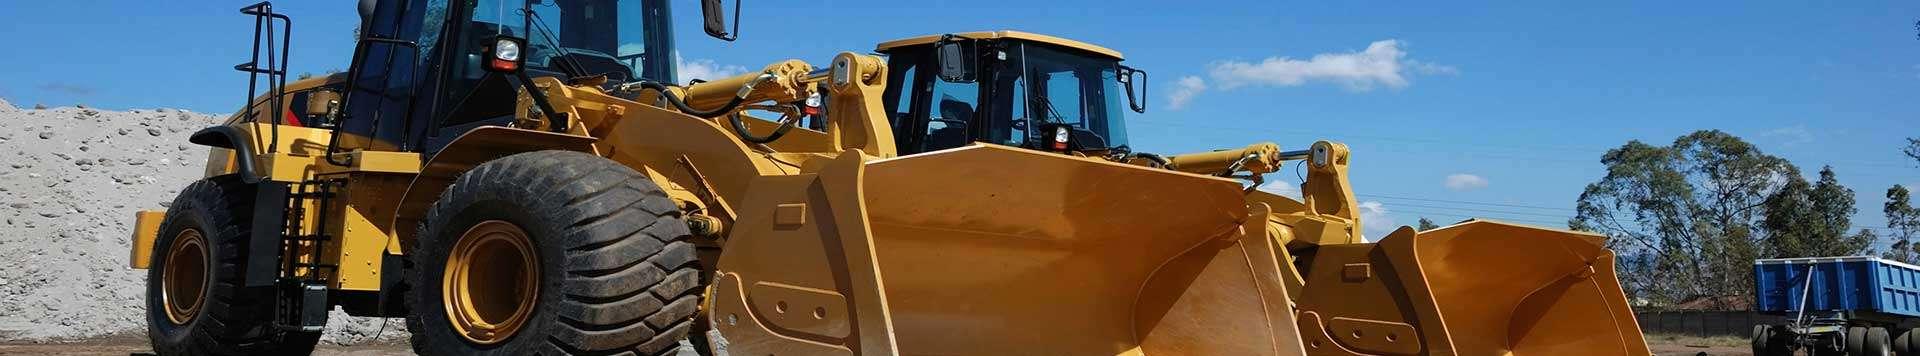 Contenedores Jokin – Gestión de residuos de construcción.